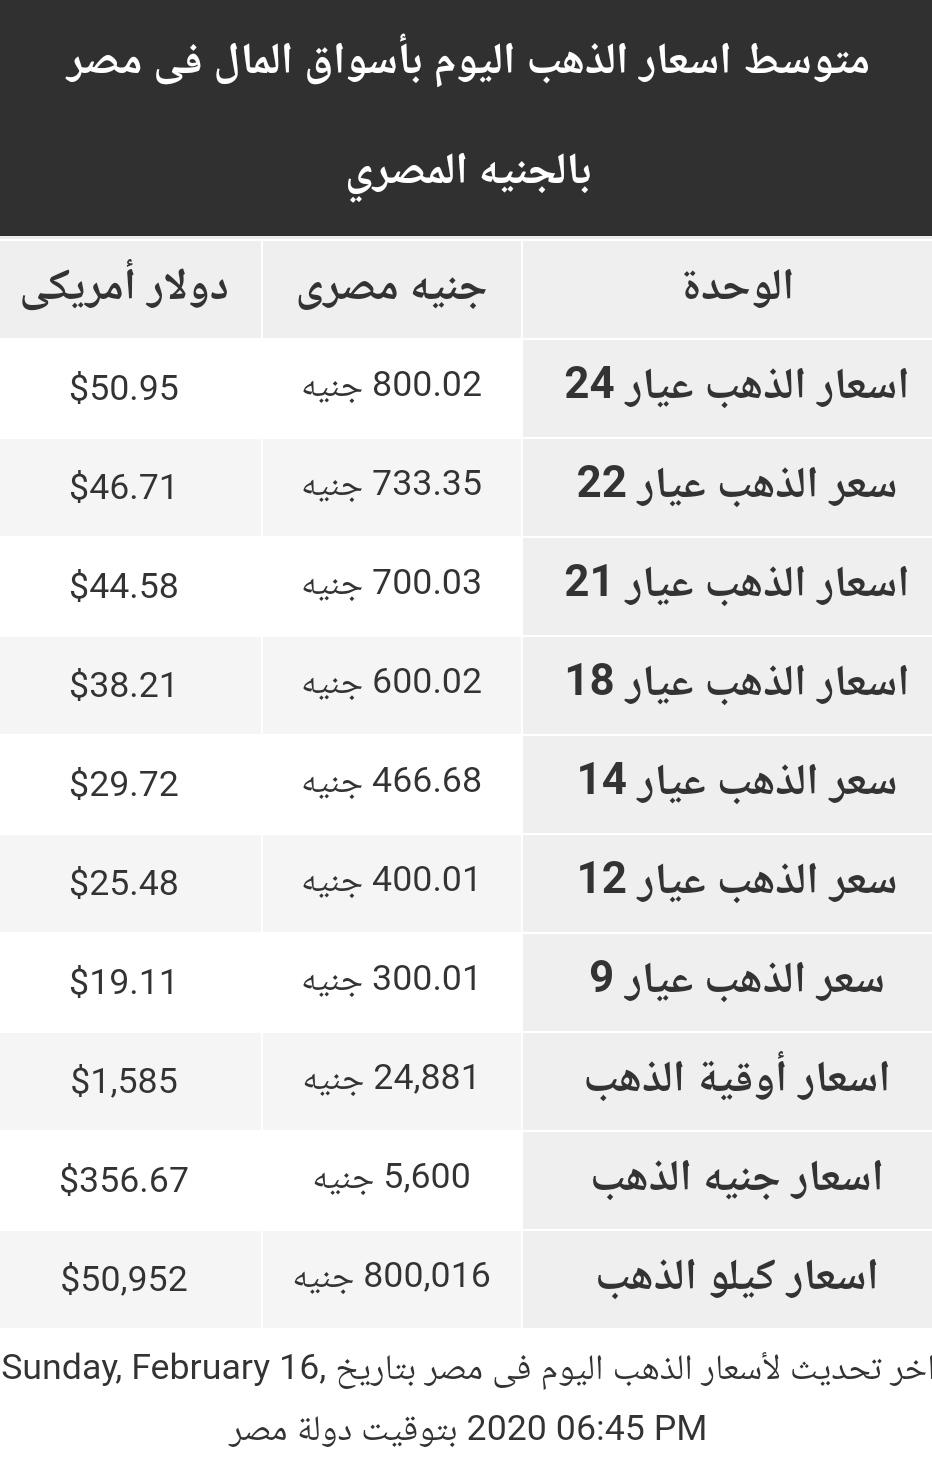 اسعار الذهب  اليوم الاحد 16 فبراير 2020 في مصر Gold Price